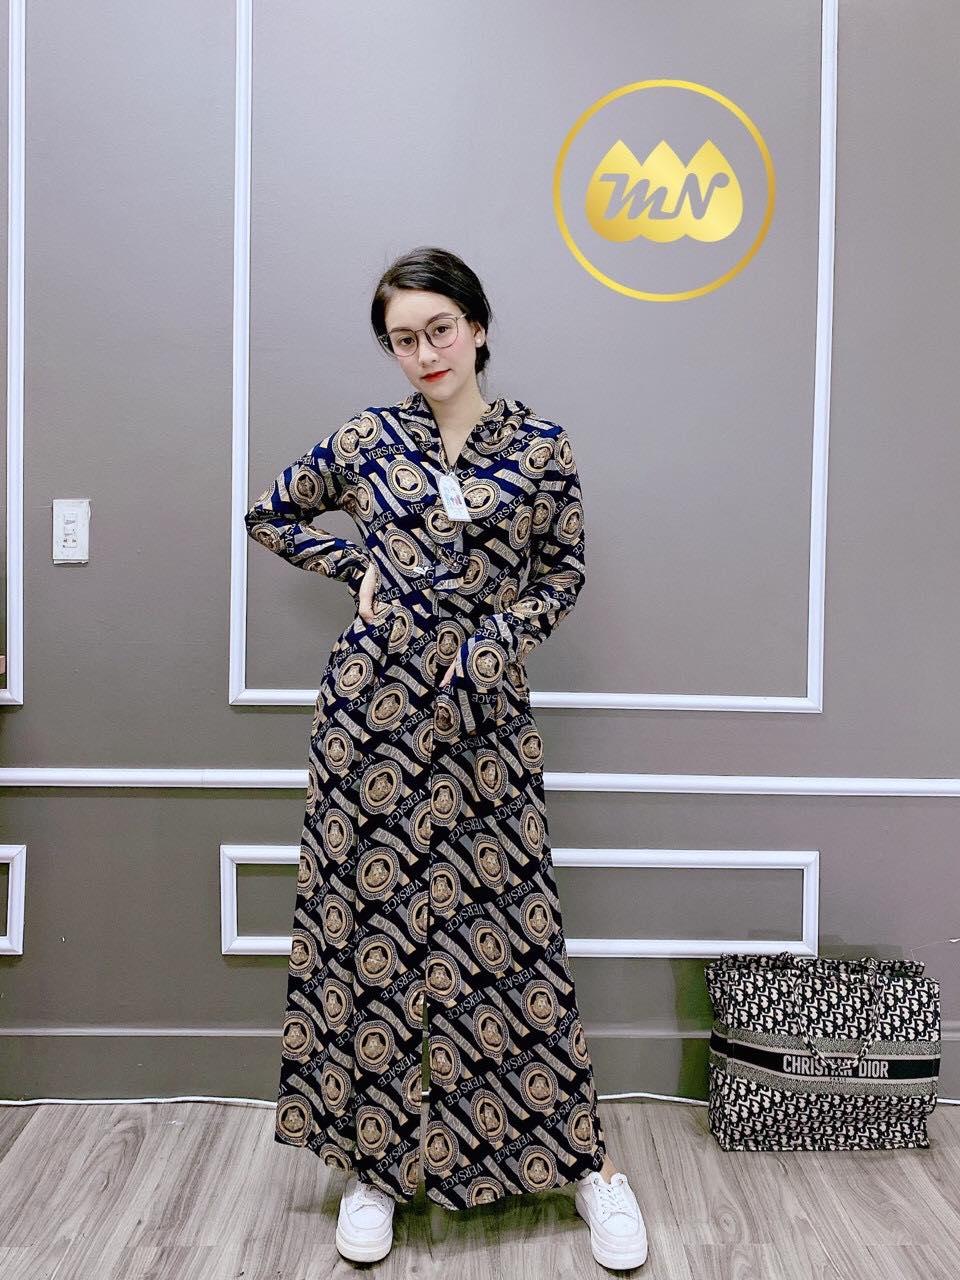 Áo chống nắng toàn thân 3 lớp vải lanh nhung Nhật chất xịn mềm êm nhẹ thoáng mát chùm kín chân